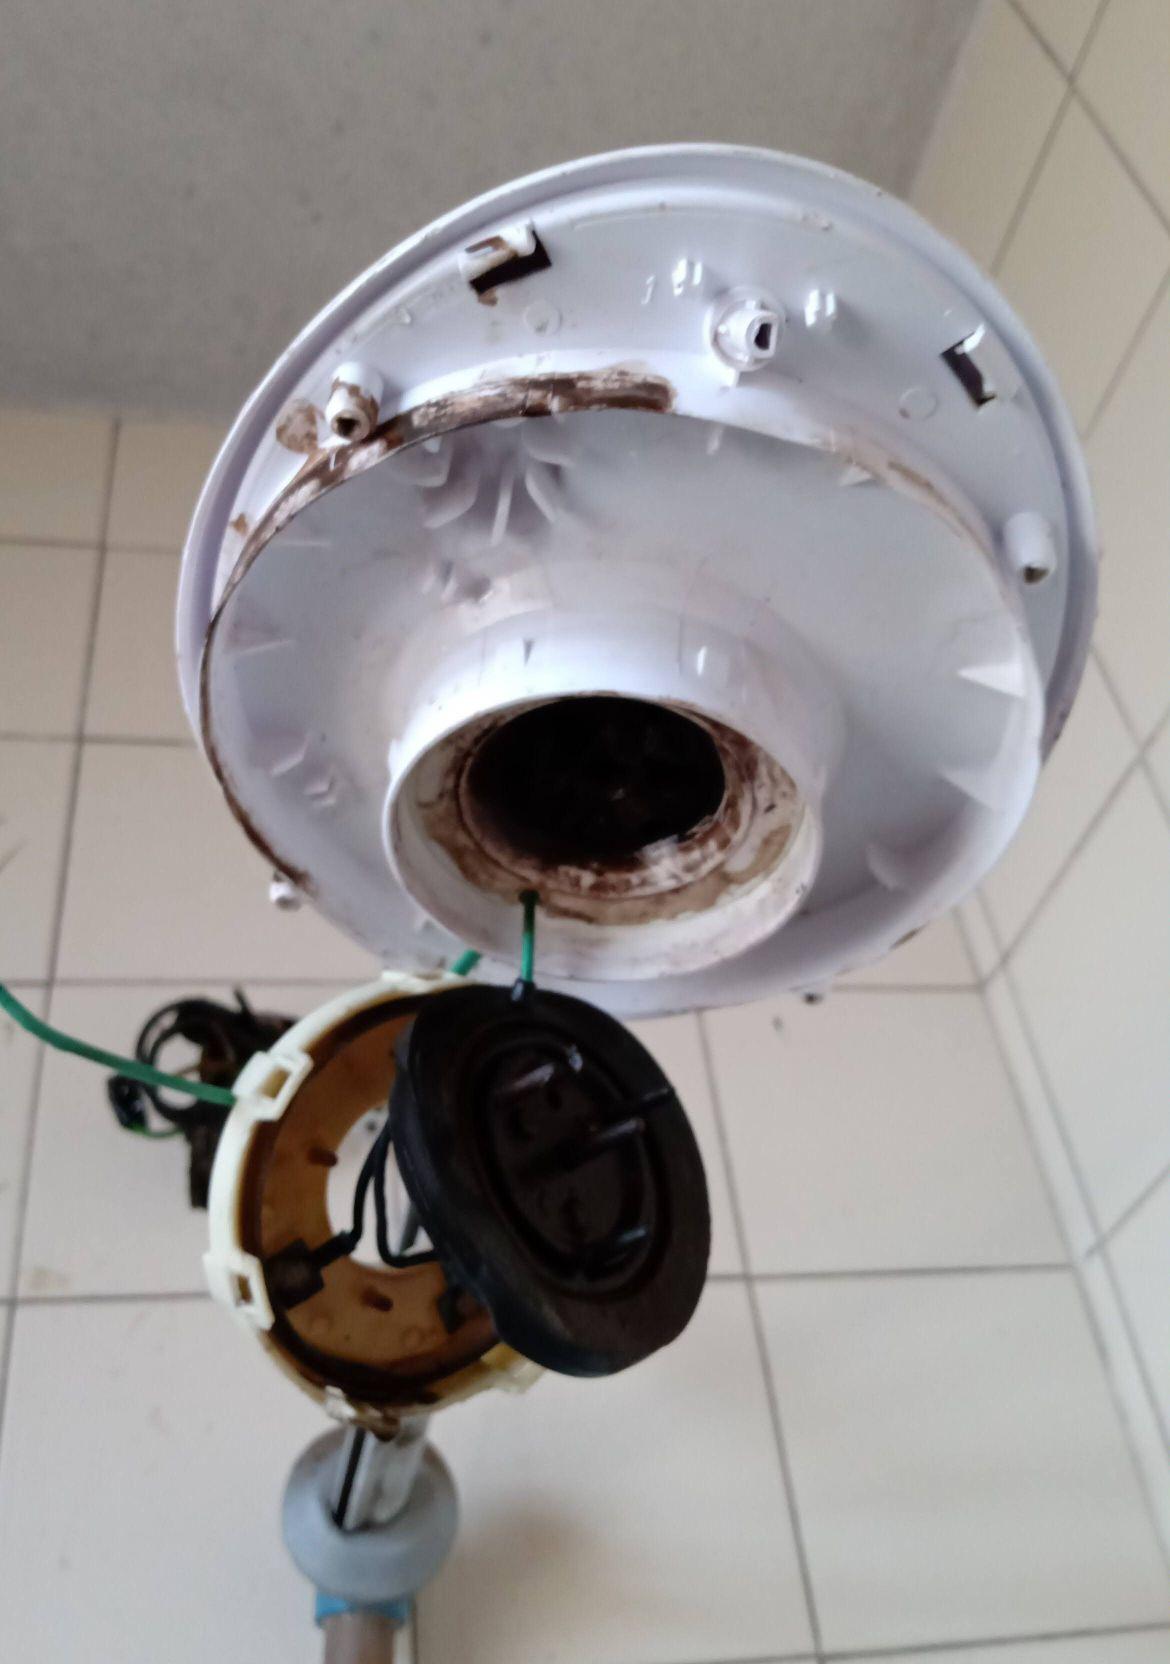 manutenção e instalacao de chuveiro